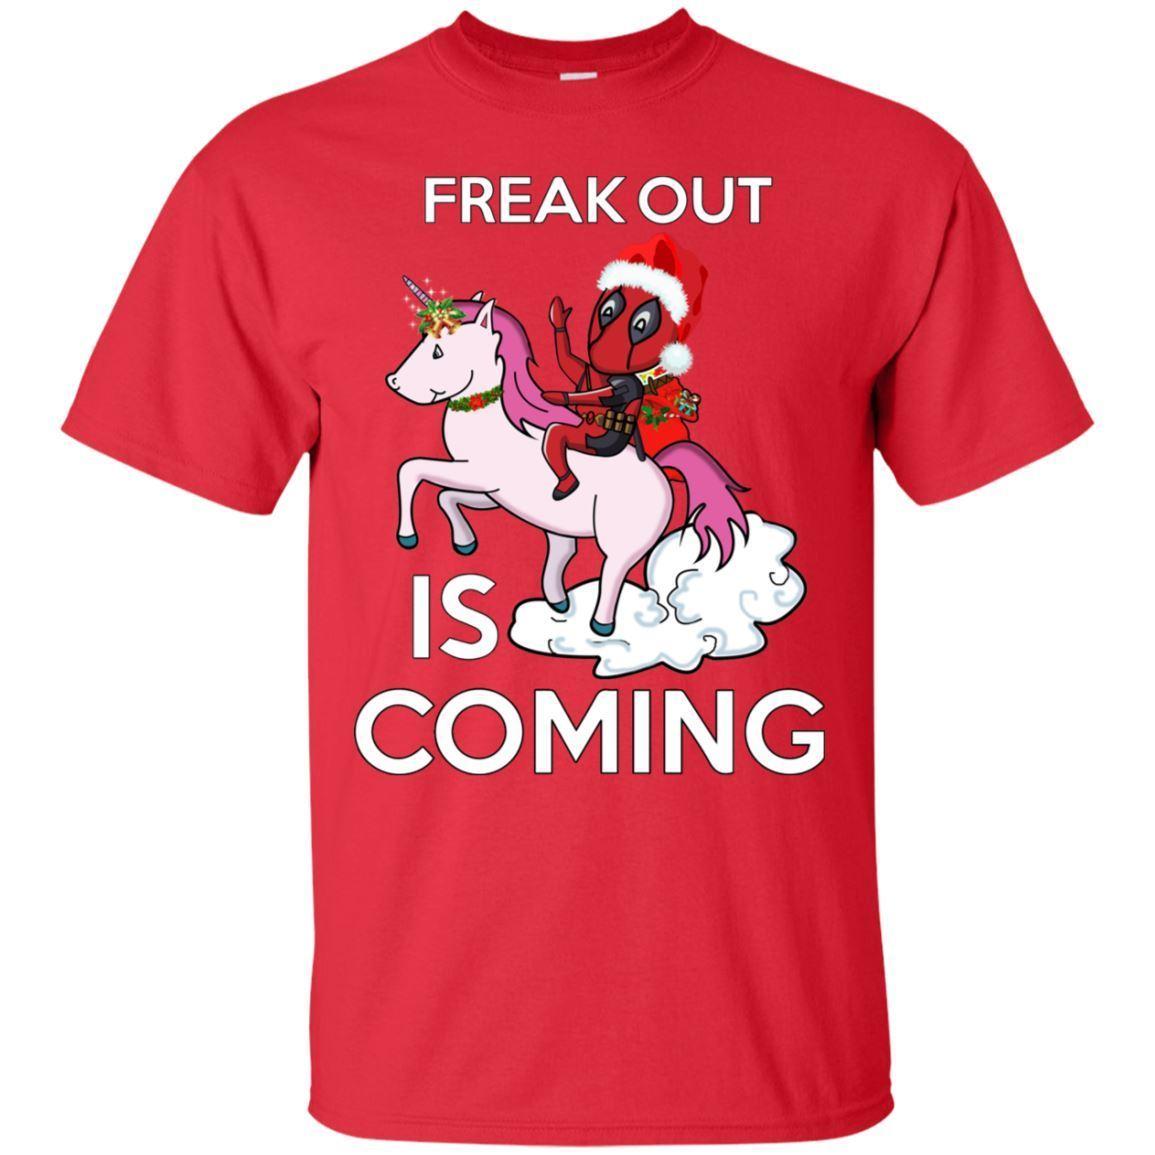 Dibujos Impresionantes De Navidad.Impresionante Camisa De Navidad Divertida Deadpool Navidad Freak Out Is Coming Camiseta Ropa De